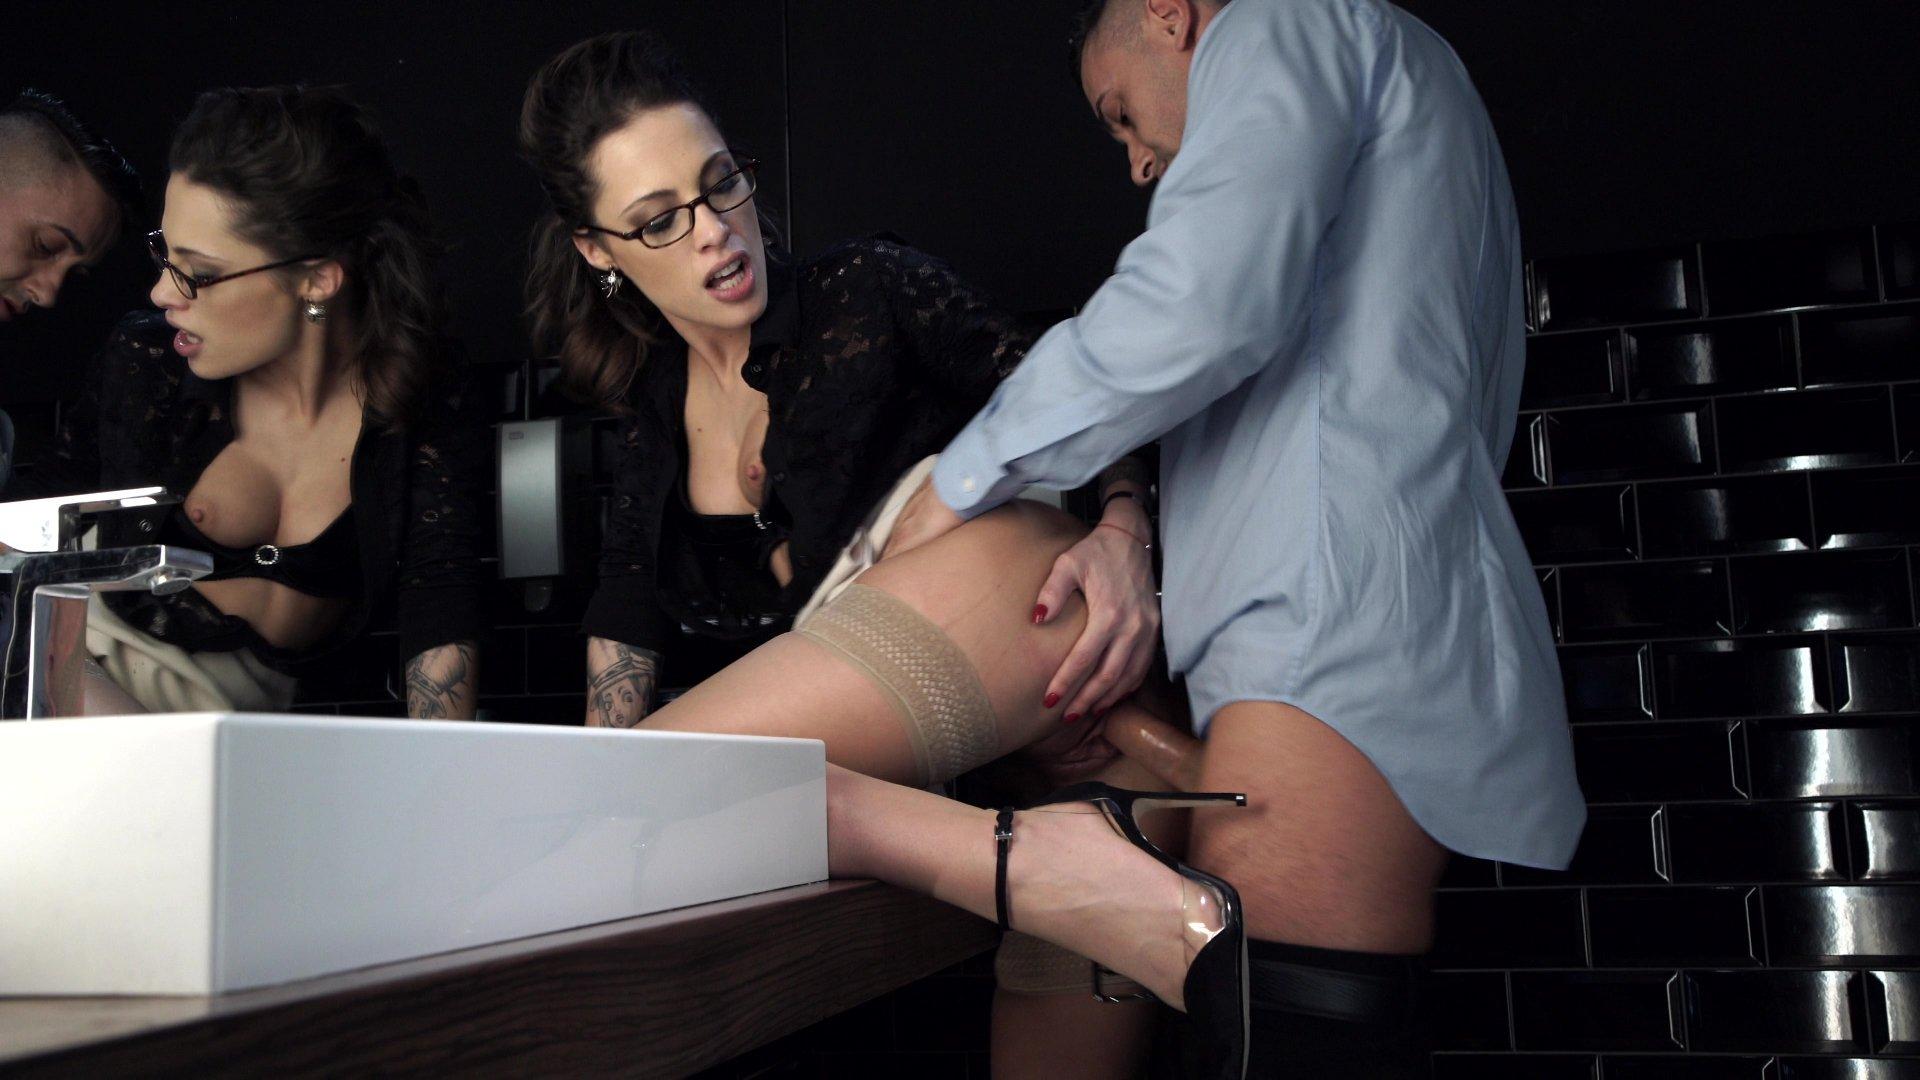 Секретарш hd порноролики скачать